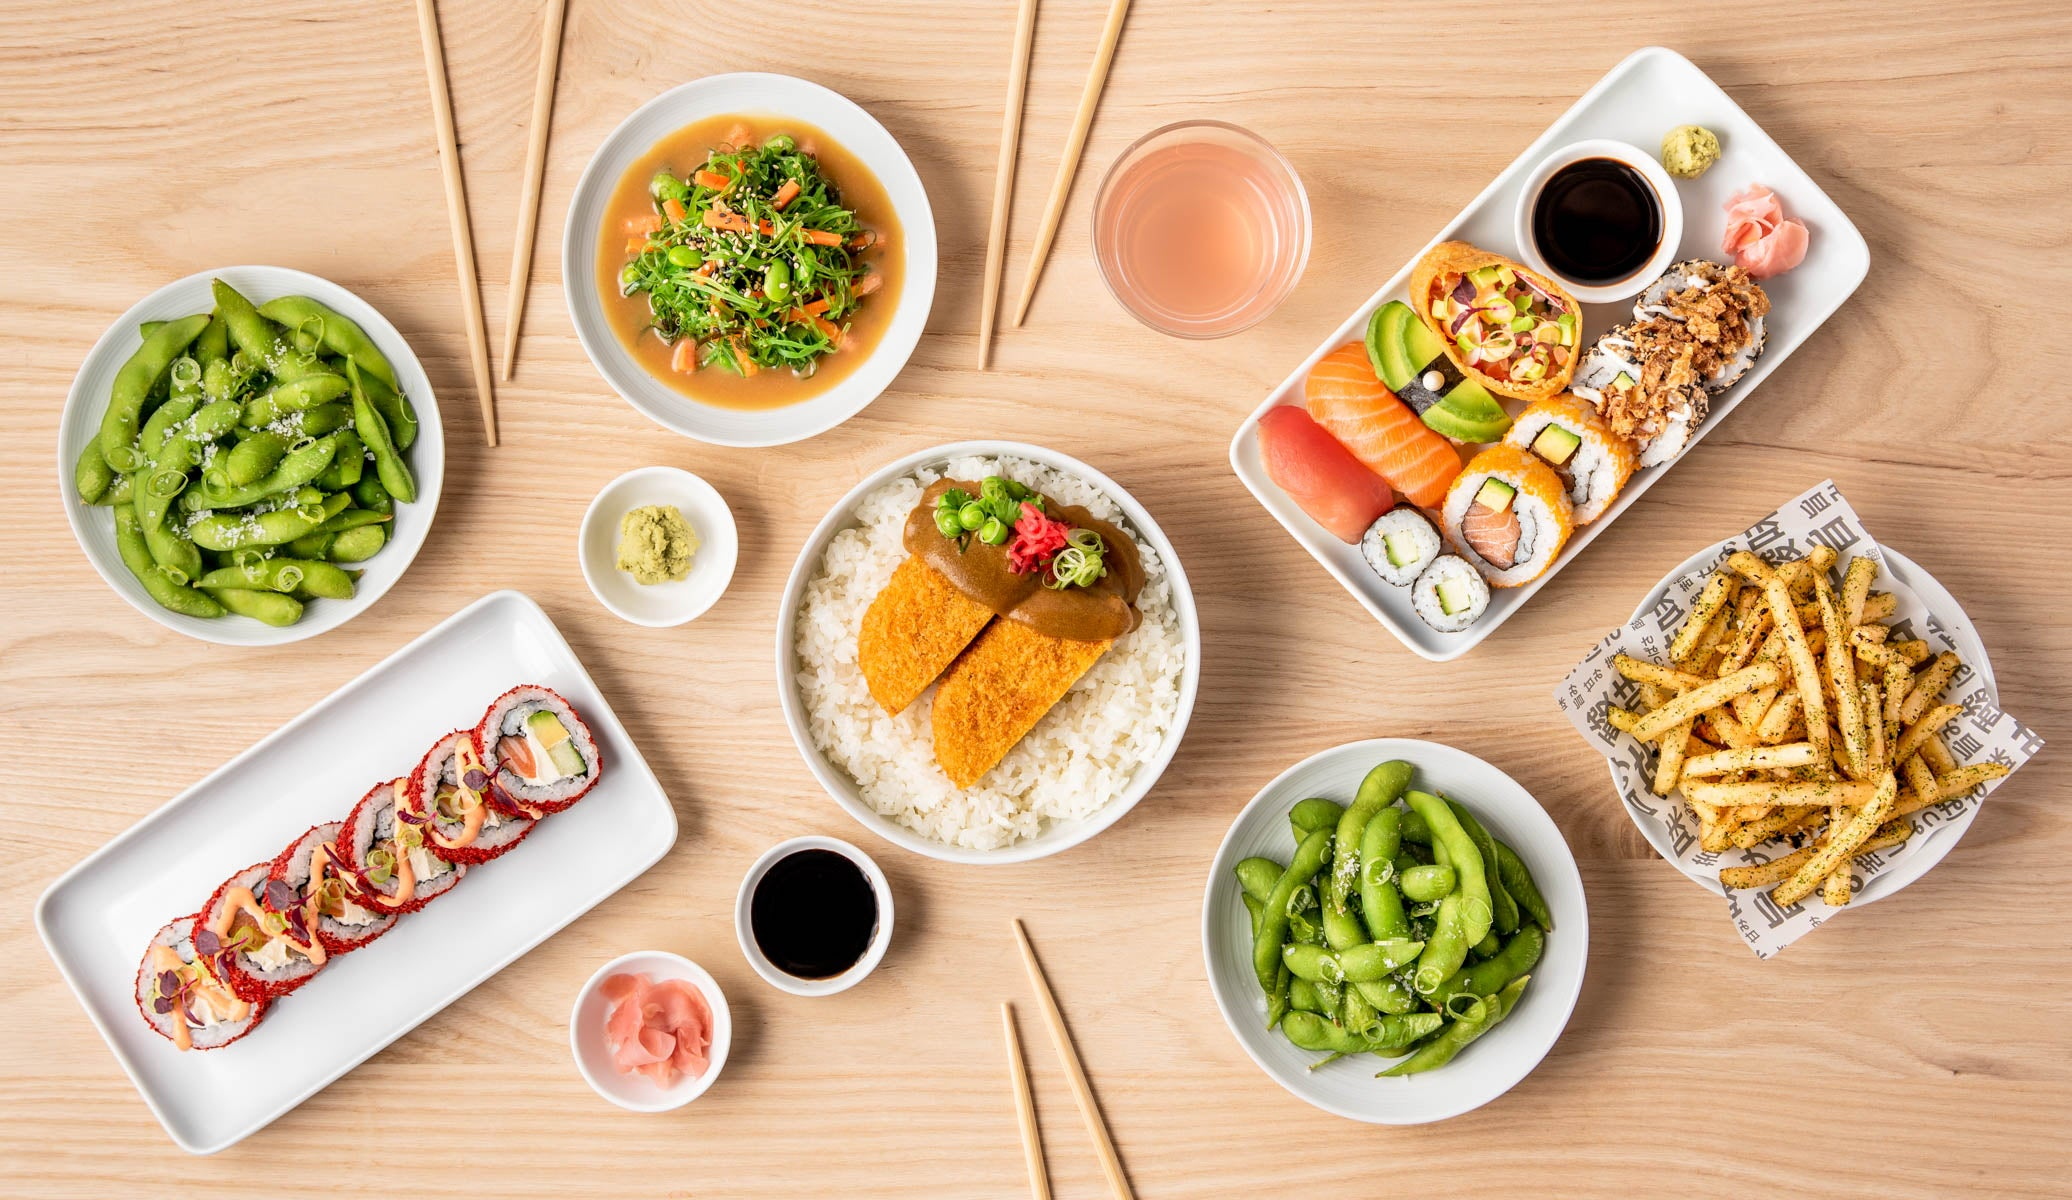 Vegetarian Takeaway Delivered From Restaurants In Ellesmere